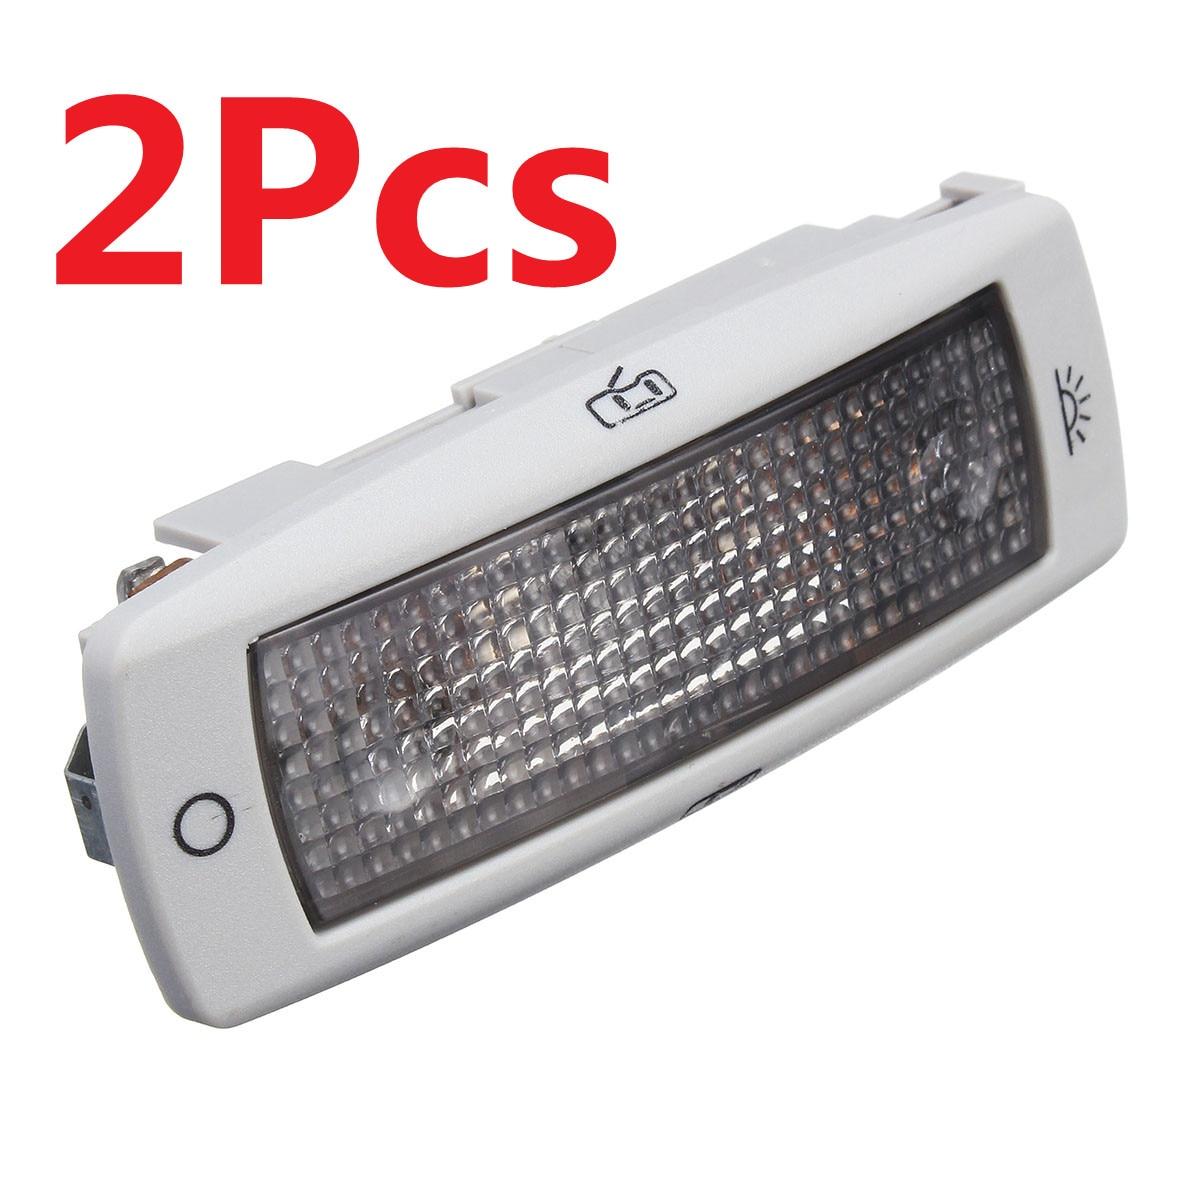 Потолочный светильник для VW Golf, Passat, Tiguan, Skoda Fabia Superb, Seat Leon 3B0947291, 2 шт.